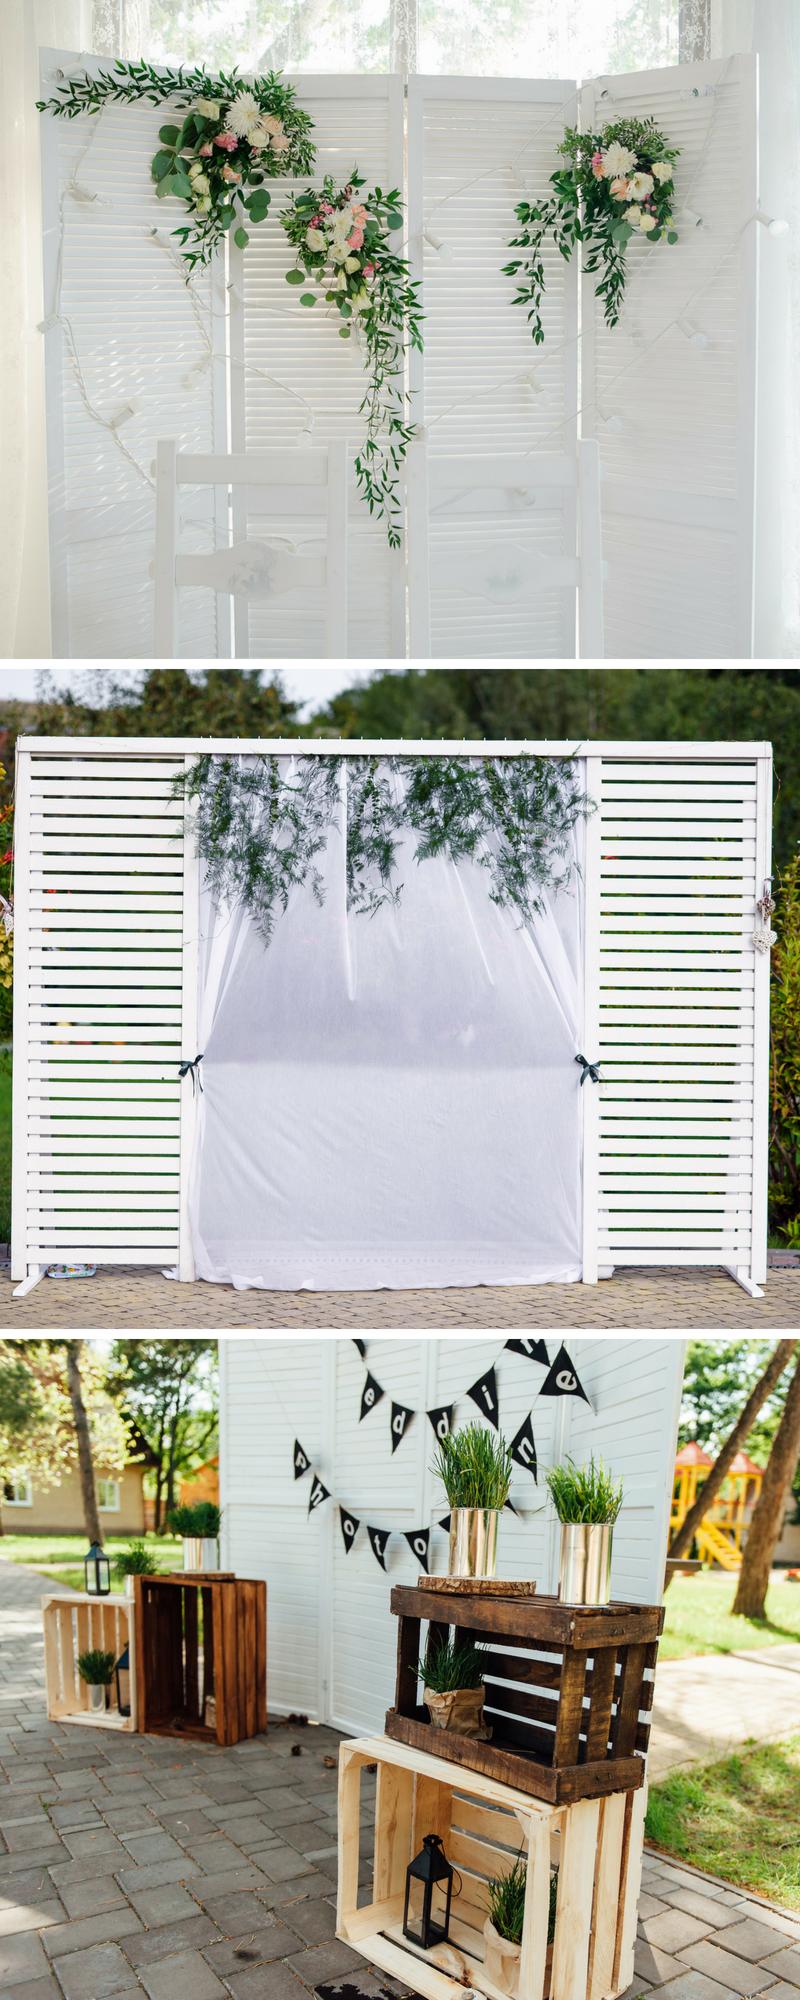 Fotobox für die Hochzeit: 40 coole Fotowand-Ideen – Hochzeitskiste